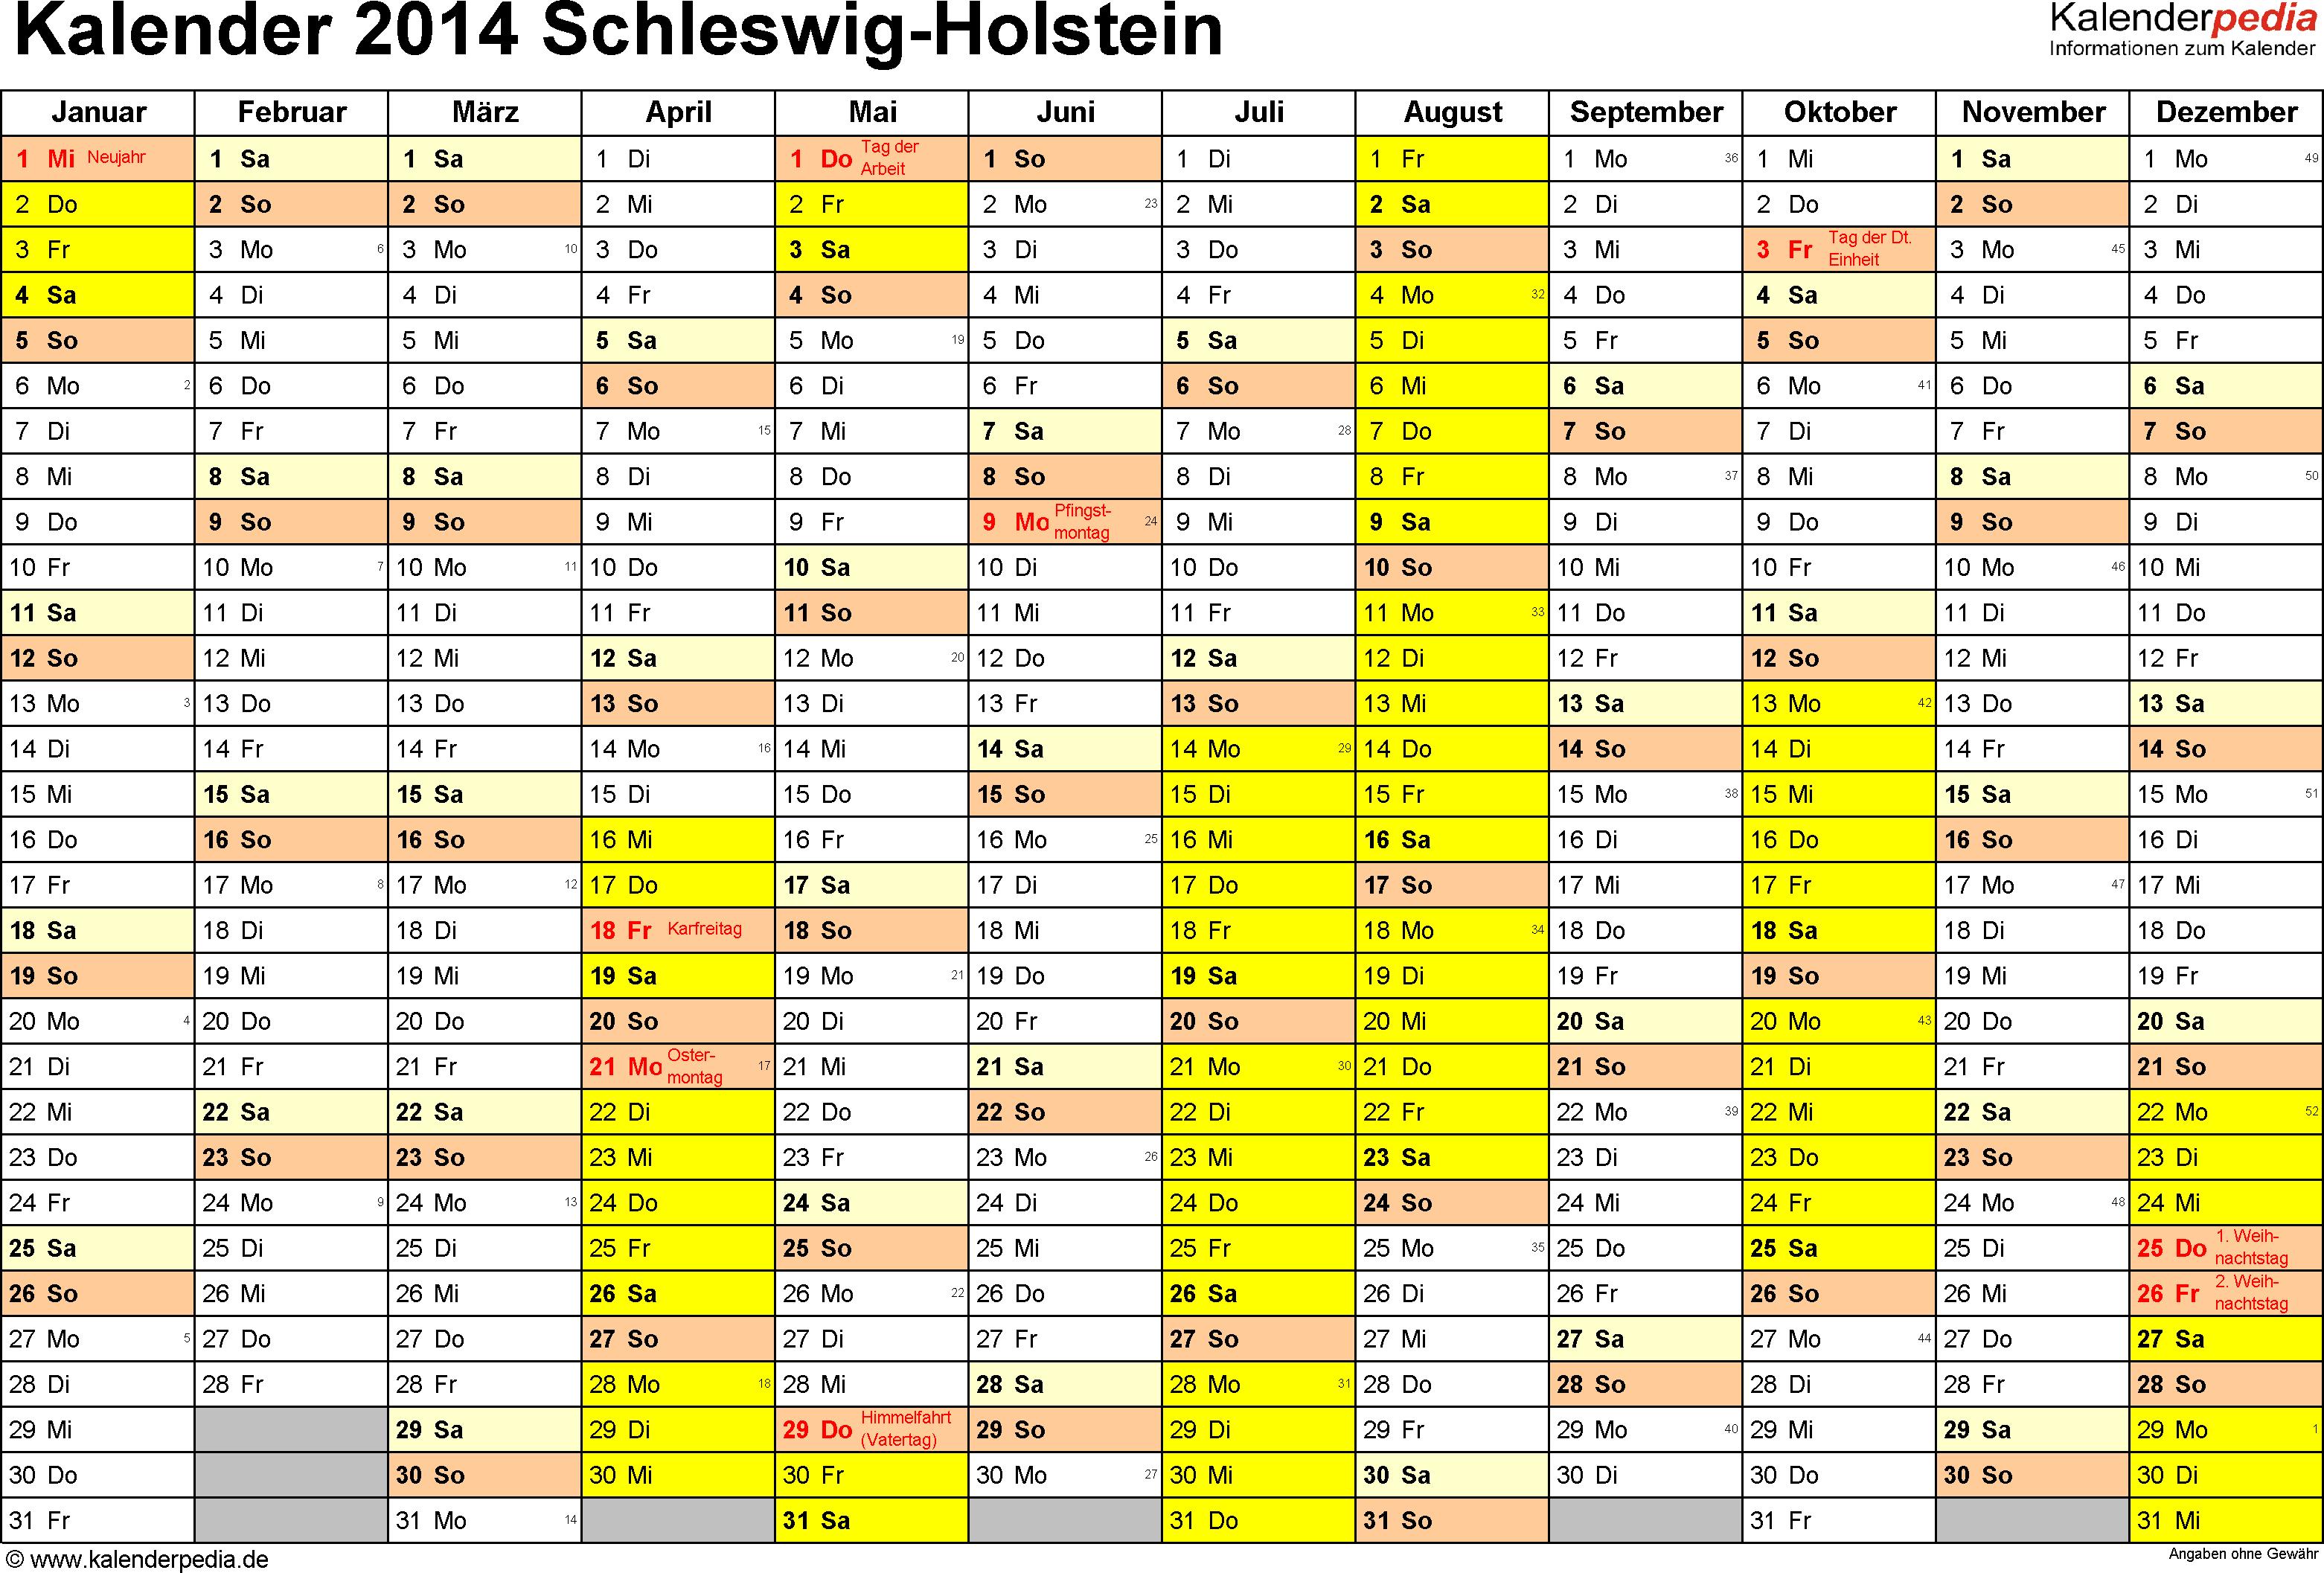 Vorlage 1 kalender 2014 f r schleswig holstein als excel vorlagen querformat